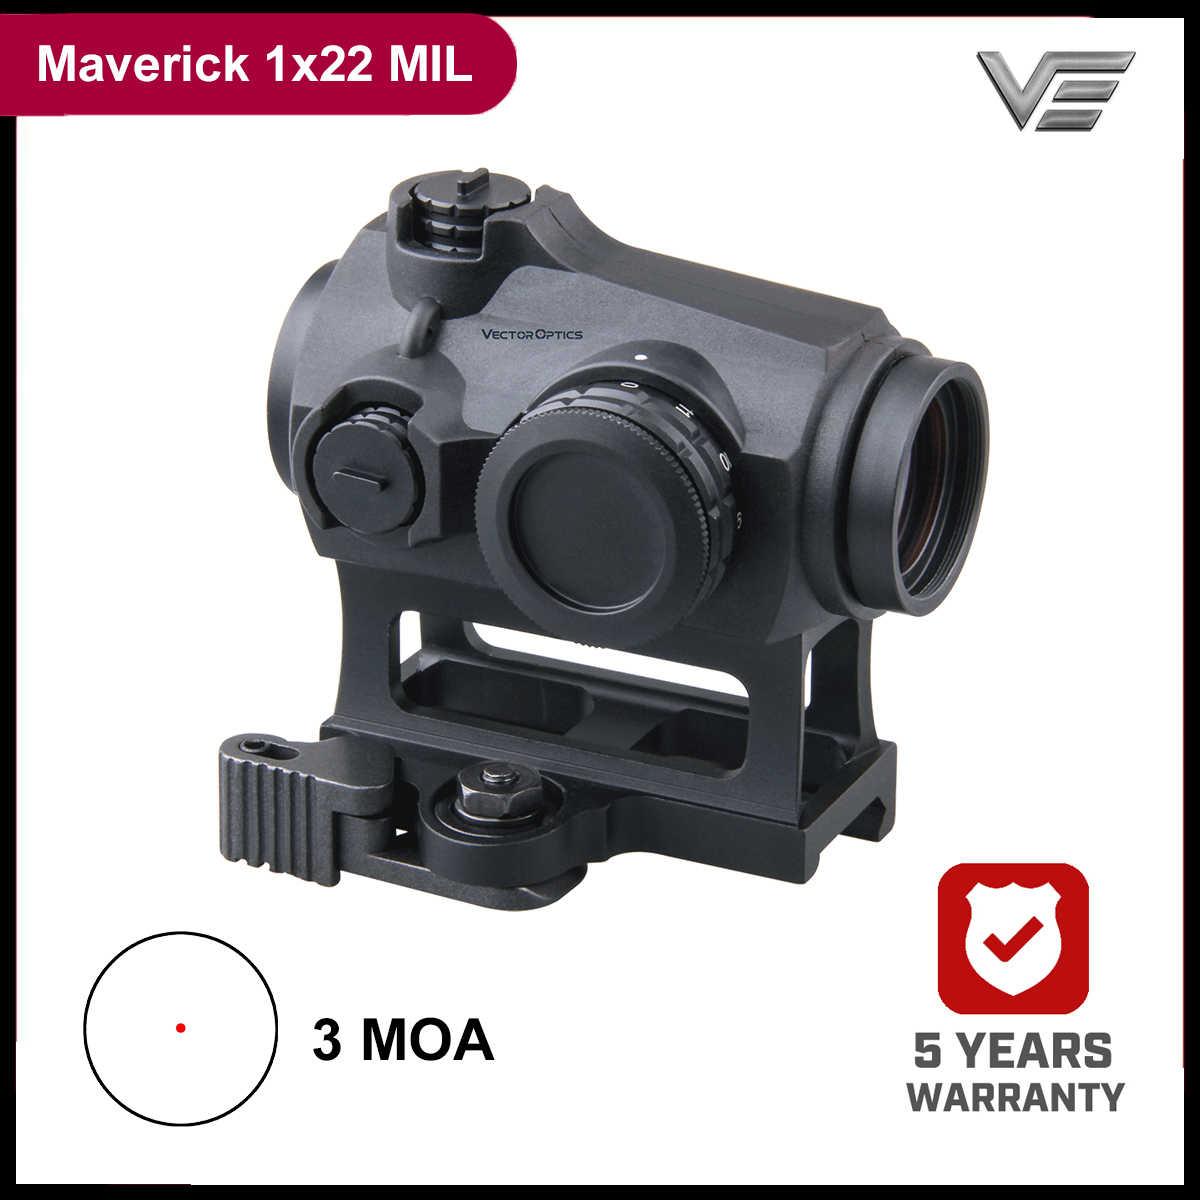 Vector Optics Maverick 1x22 MIL 3MOA punto rojo Sigh caza alcance óptico IPX6 caucho impermeable armado para. 308 7,62. 45 ACP